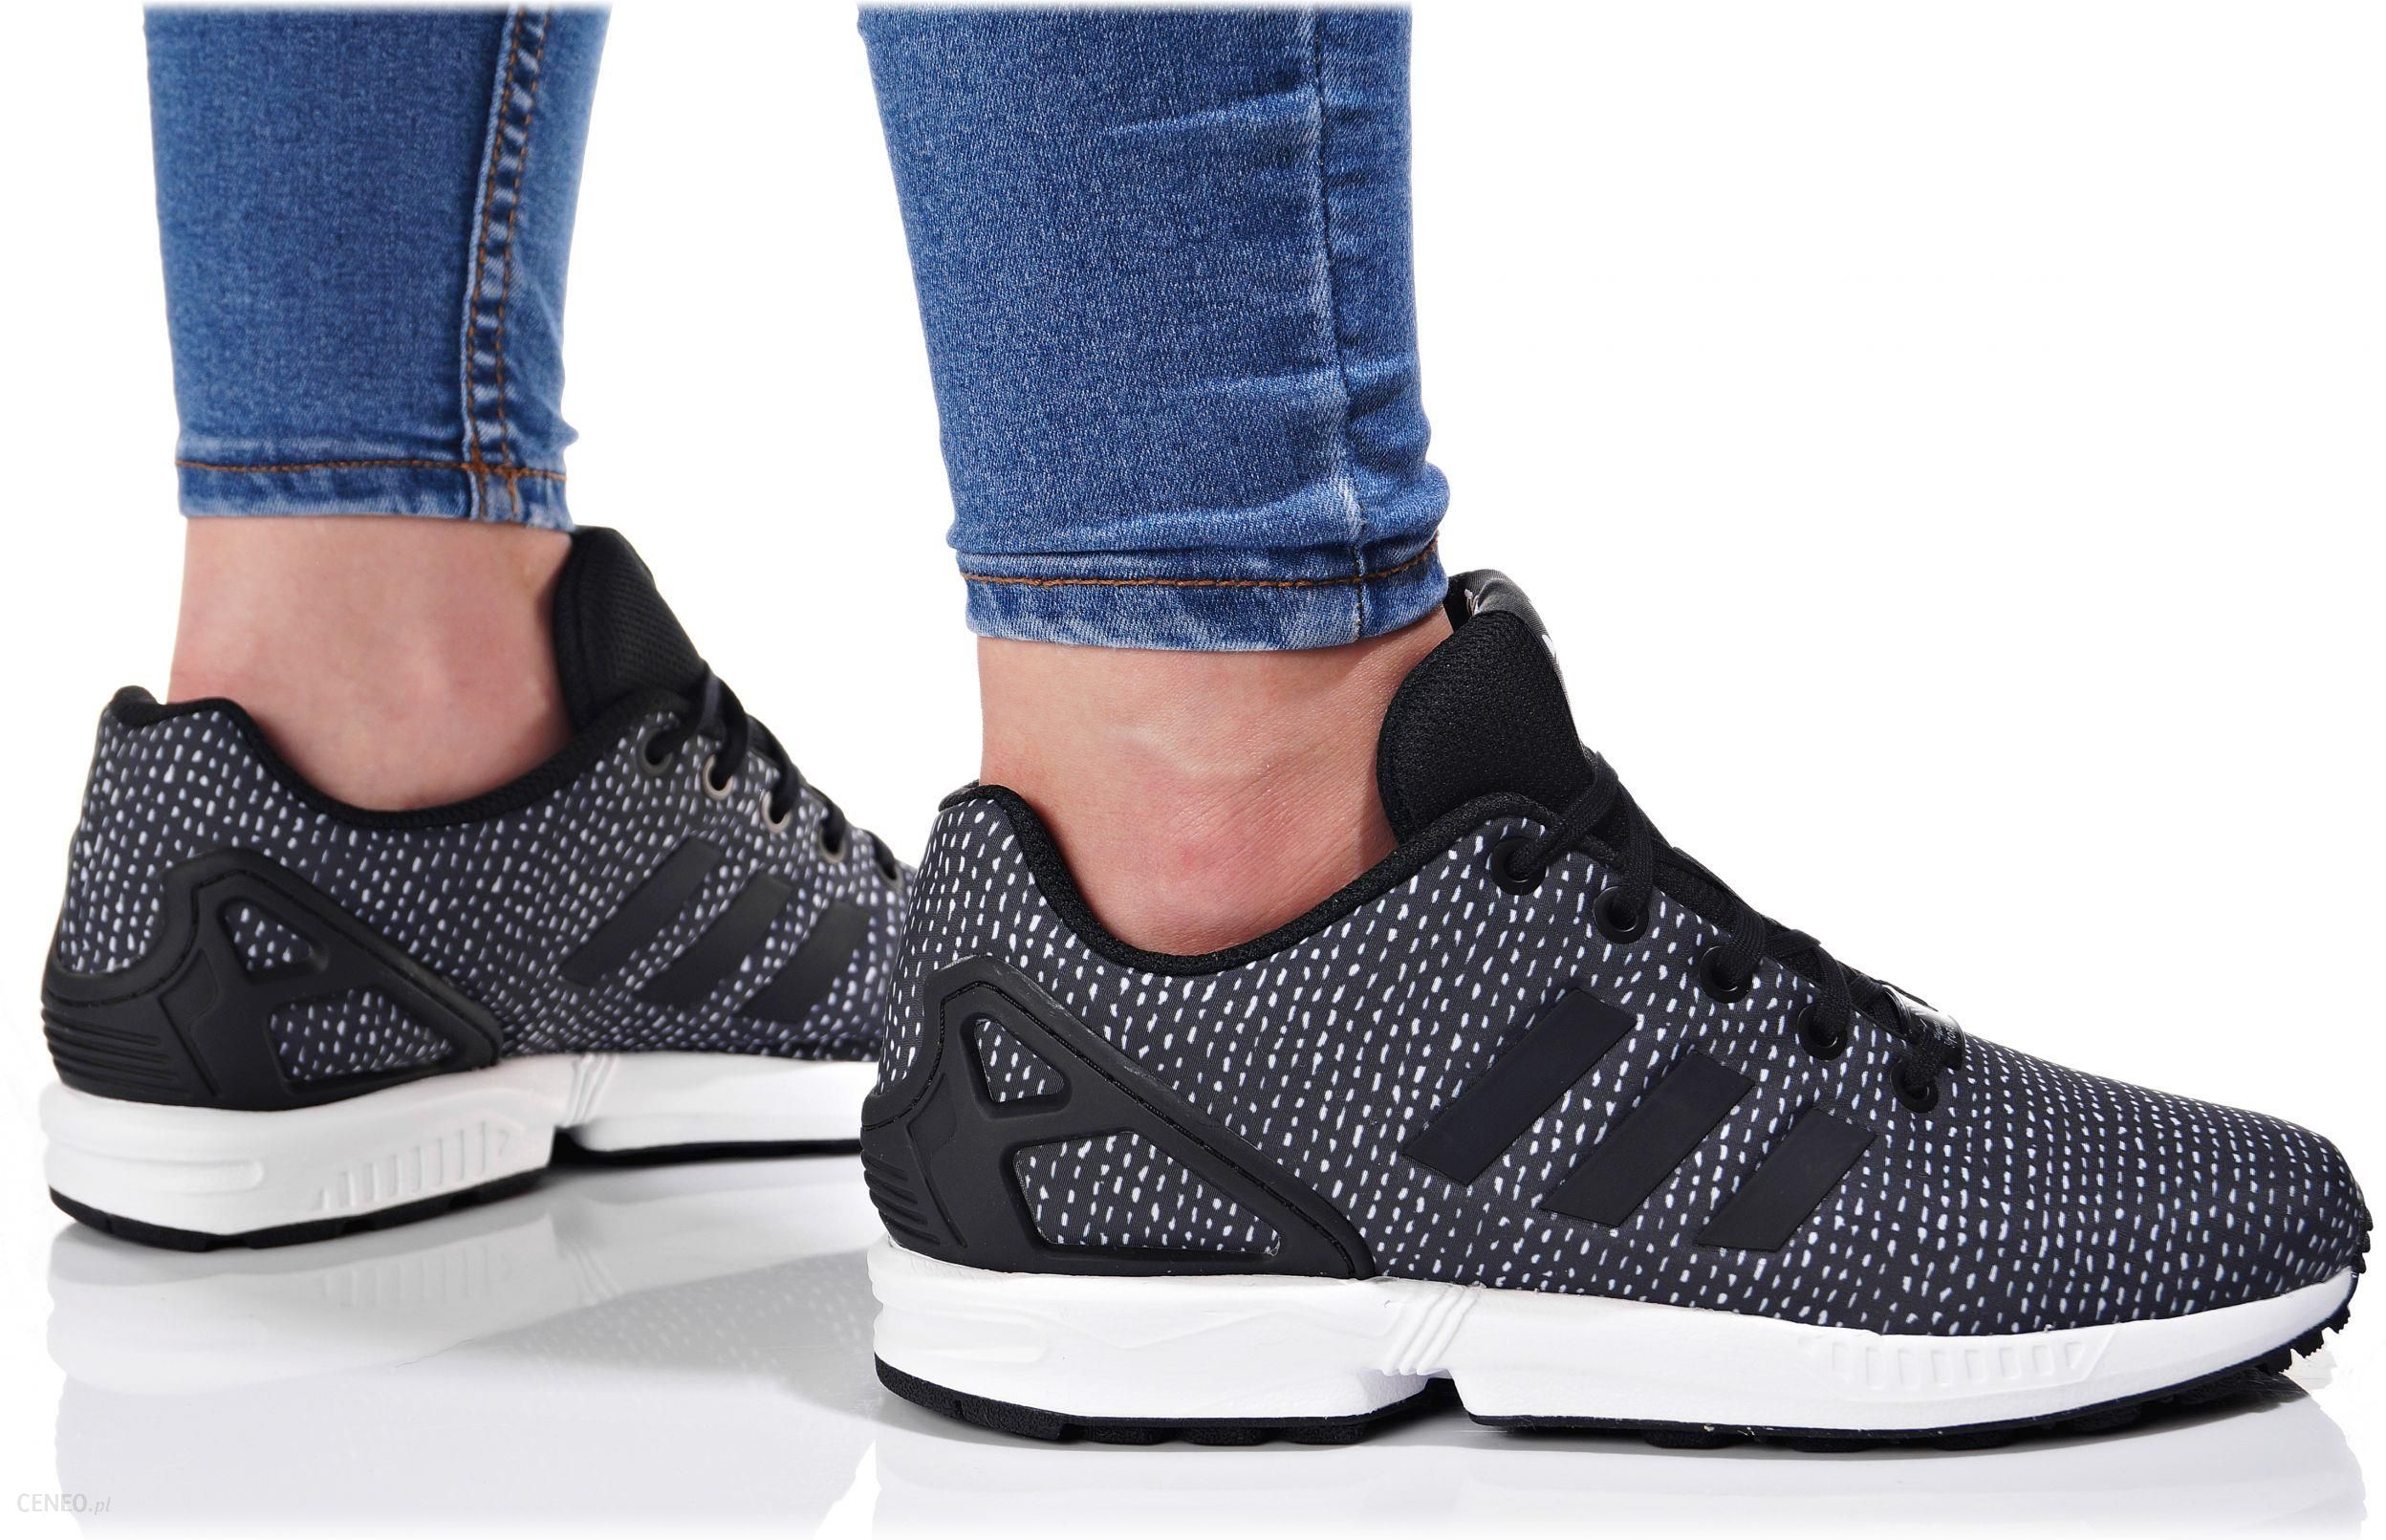 adidas zx flux czarne damskie